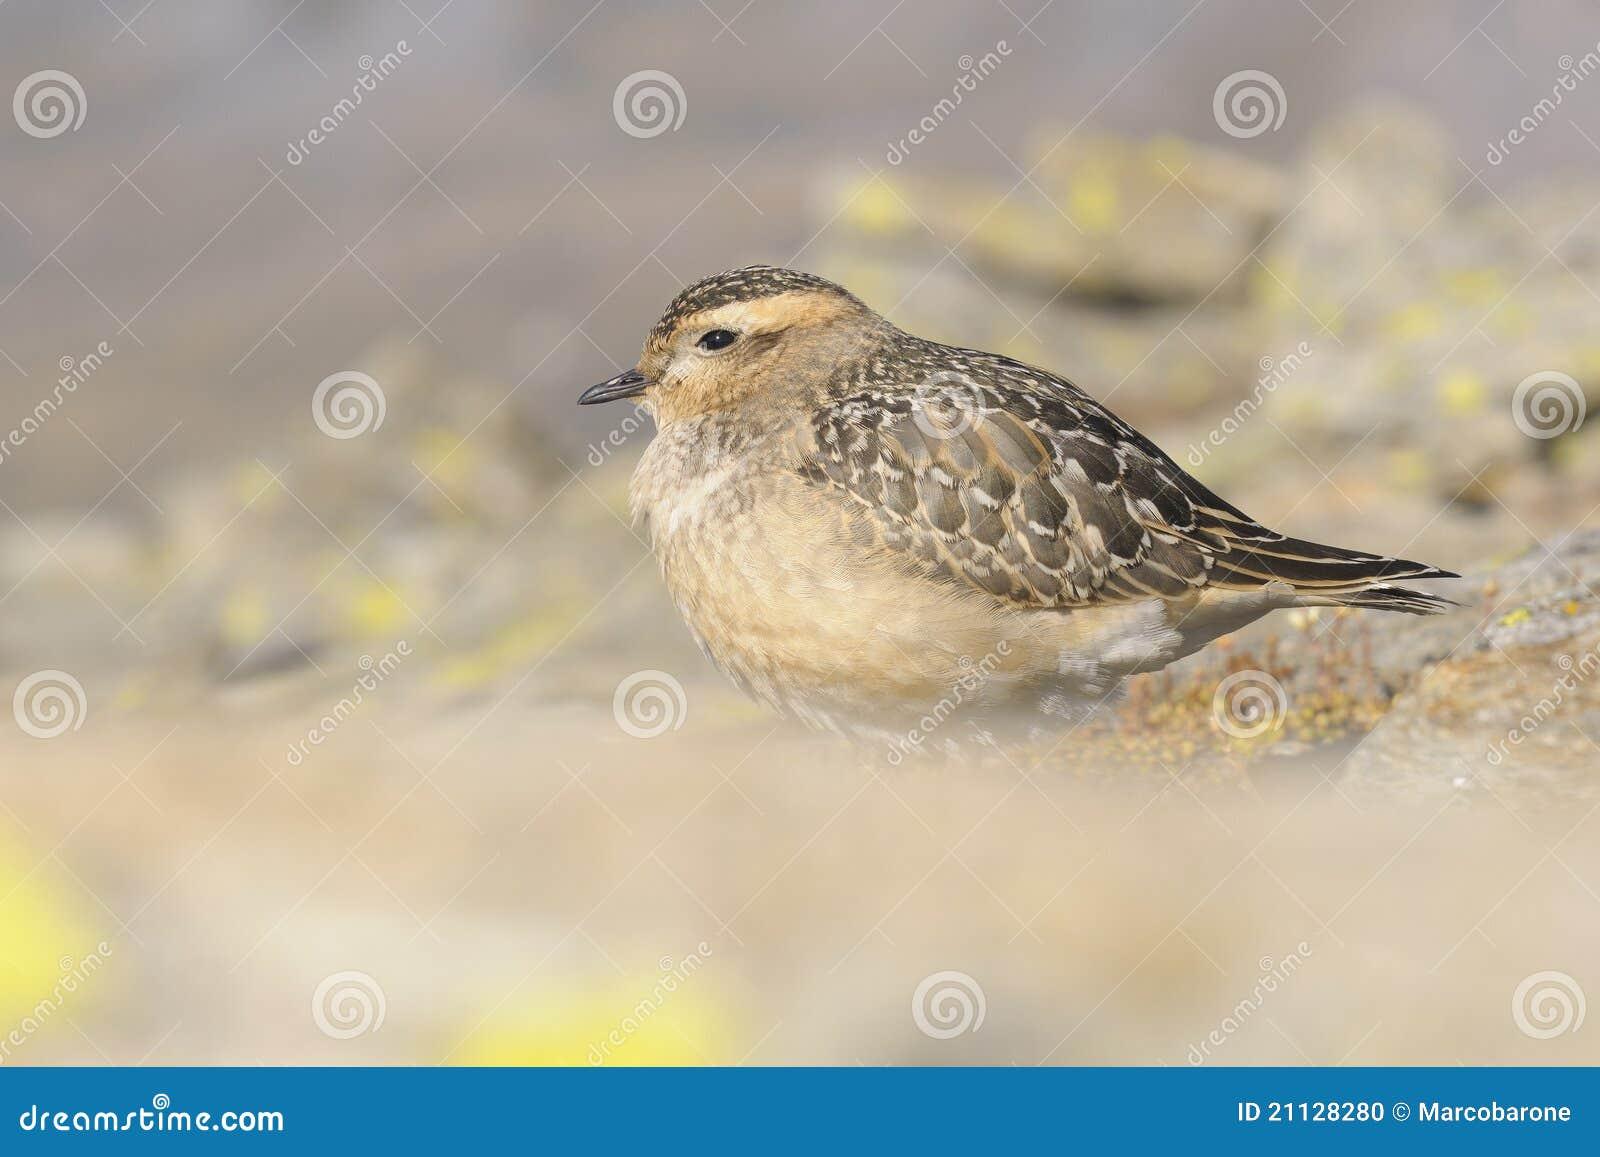 Eurasischer Mornellregenpfeifer (Charadrius morinellus)